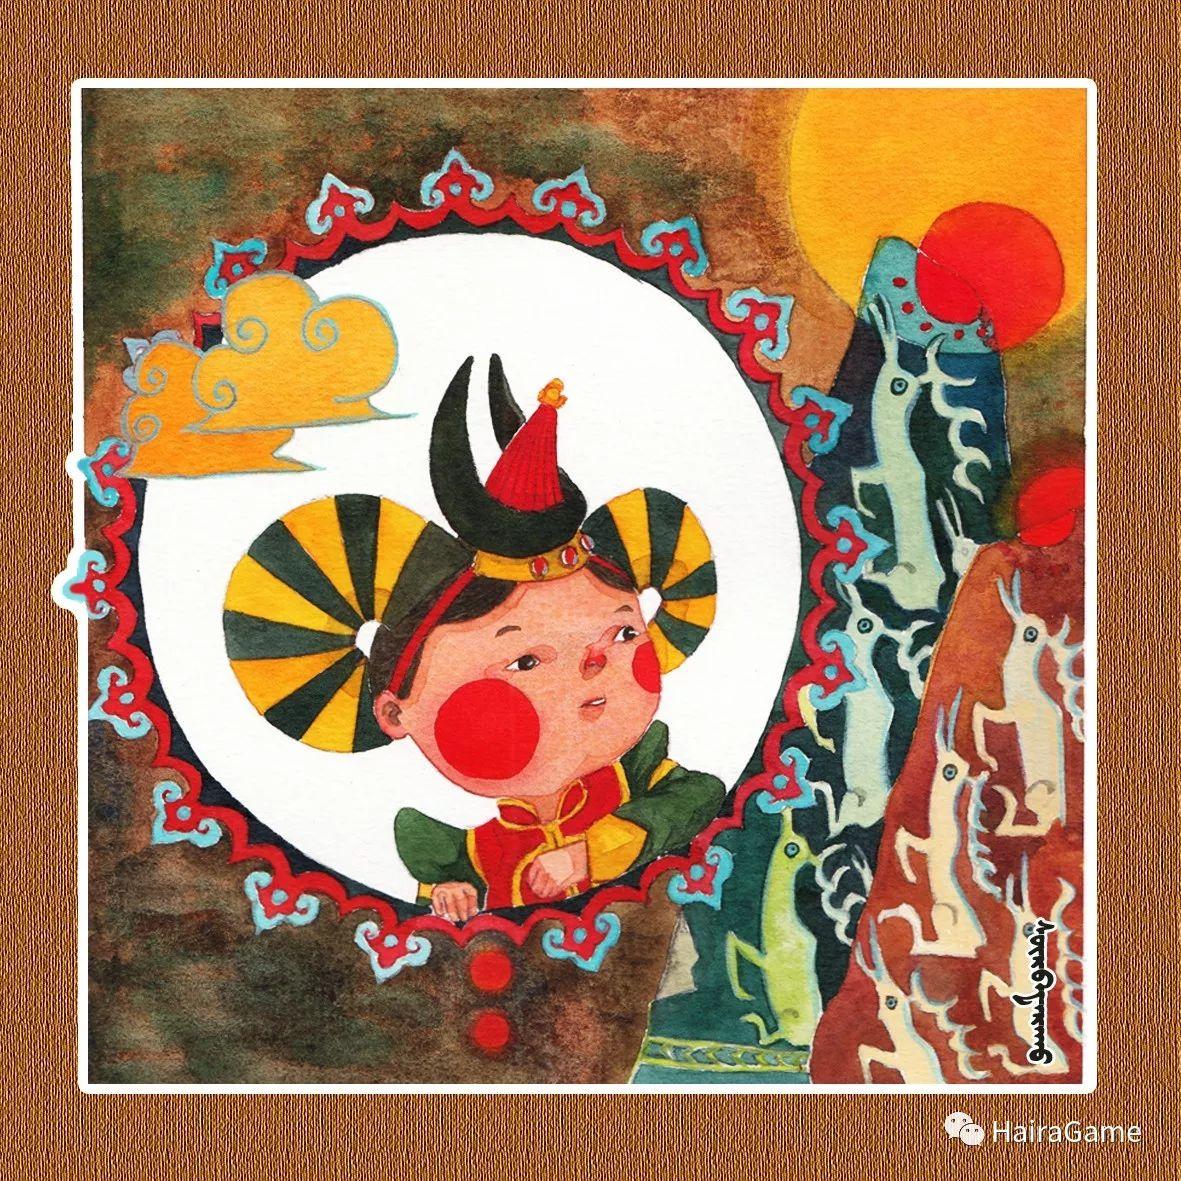 可爱的蒙古宝贝2:诺敏和清赫尔· Surbadarah(原创插画) 第8张